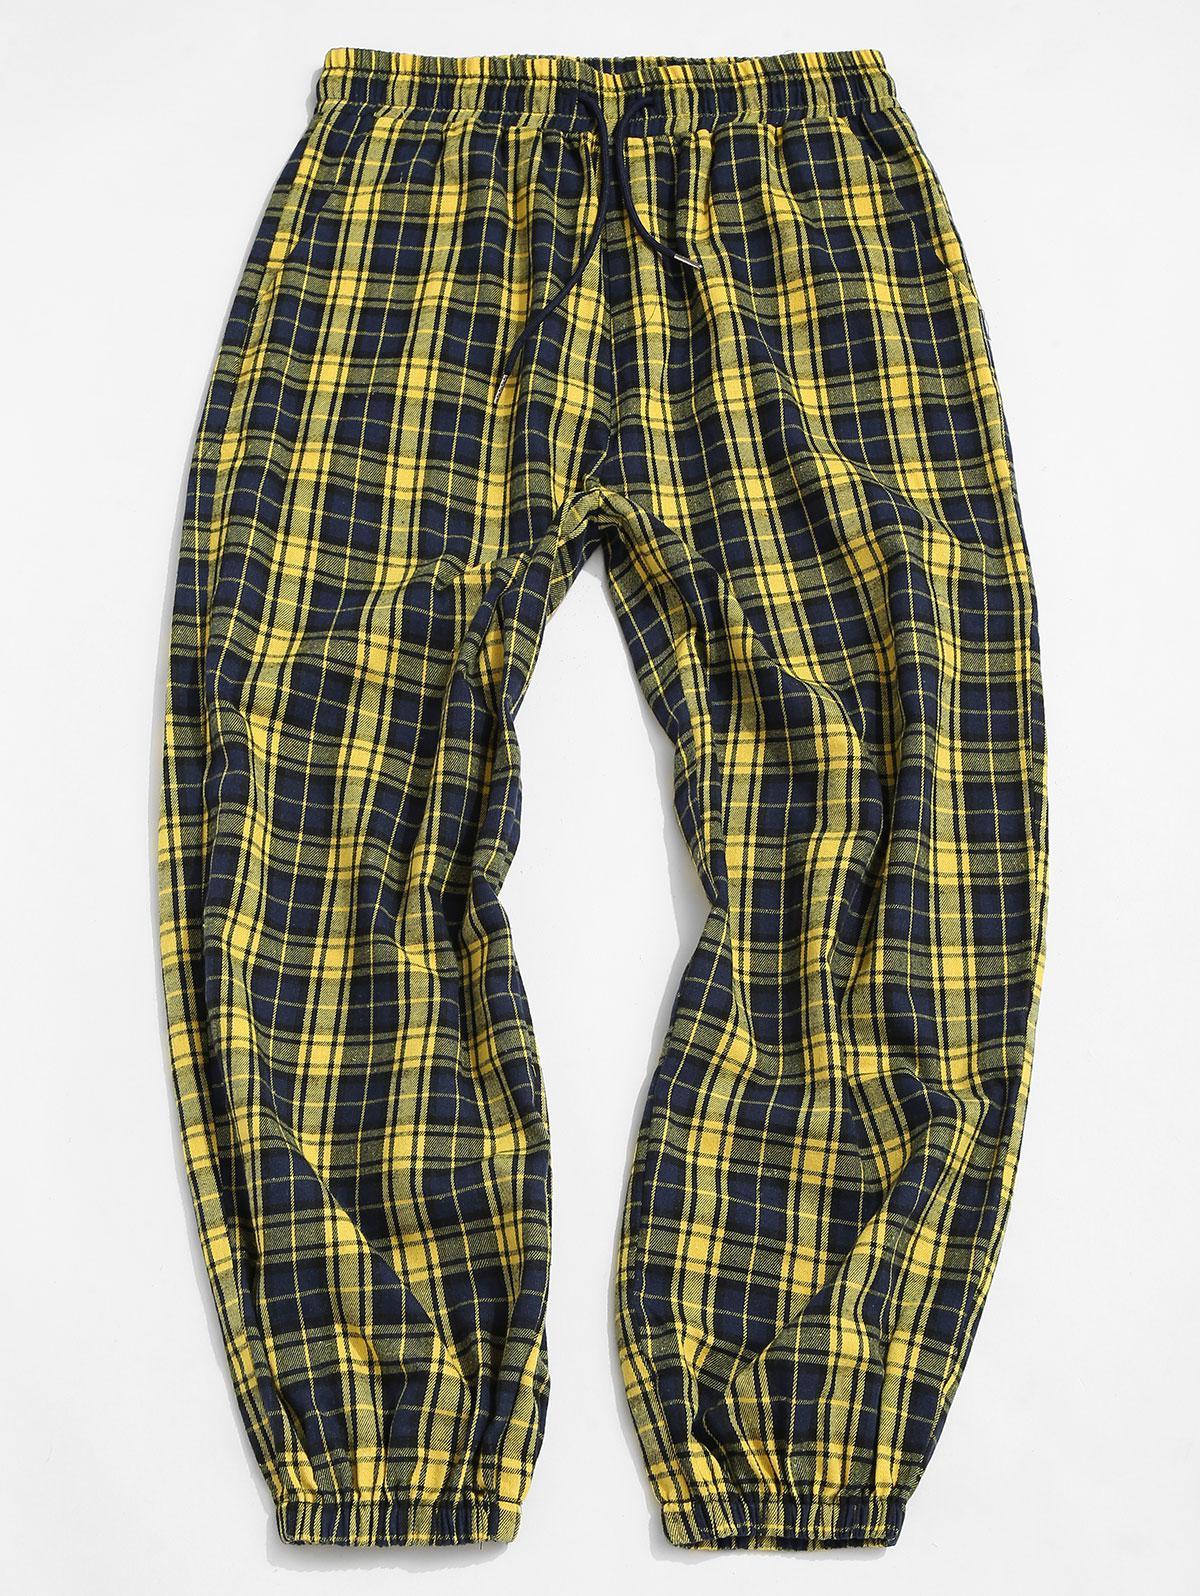 51 Off 2021 Pantalones Casuales Elasticos De Cuadros En Amarillo Zaful America Latina